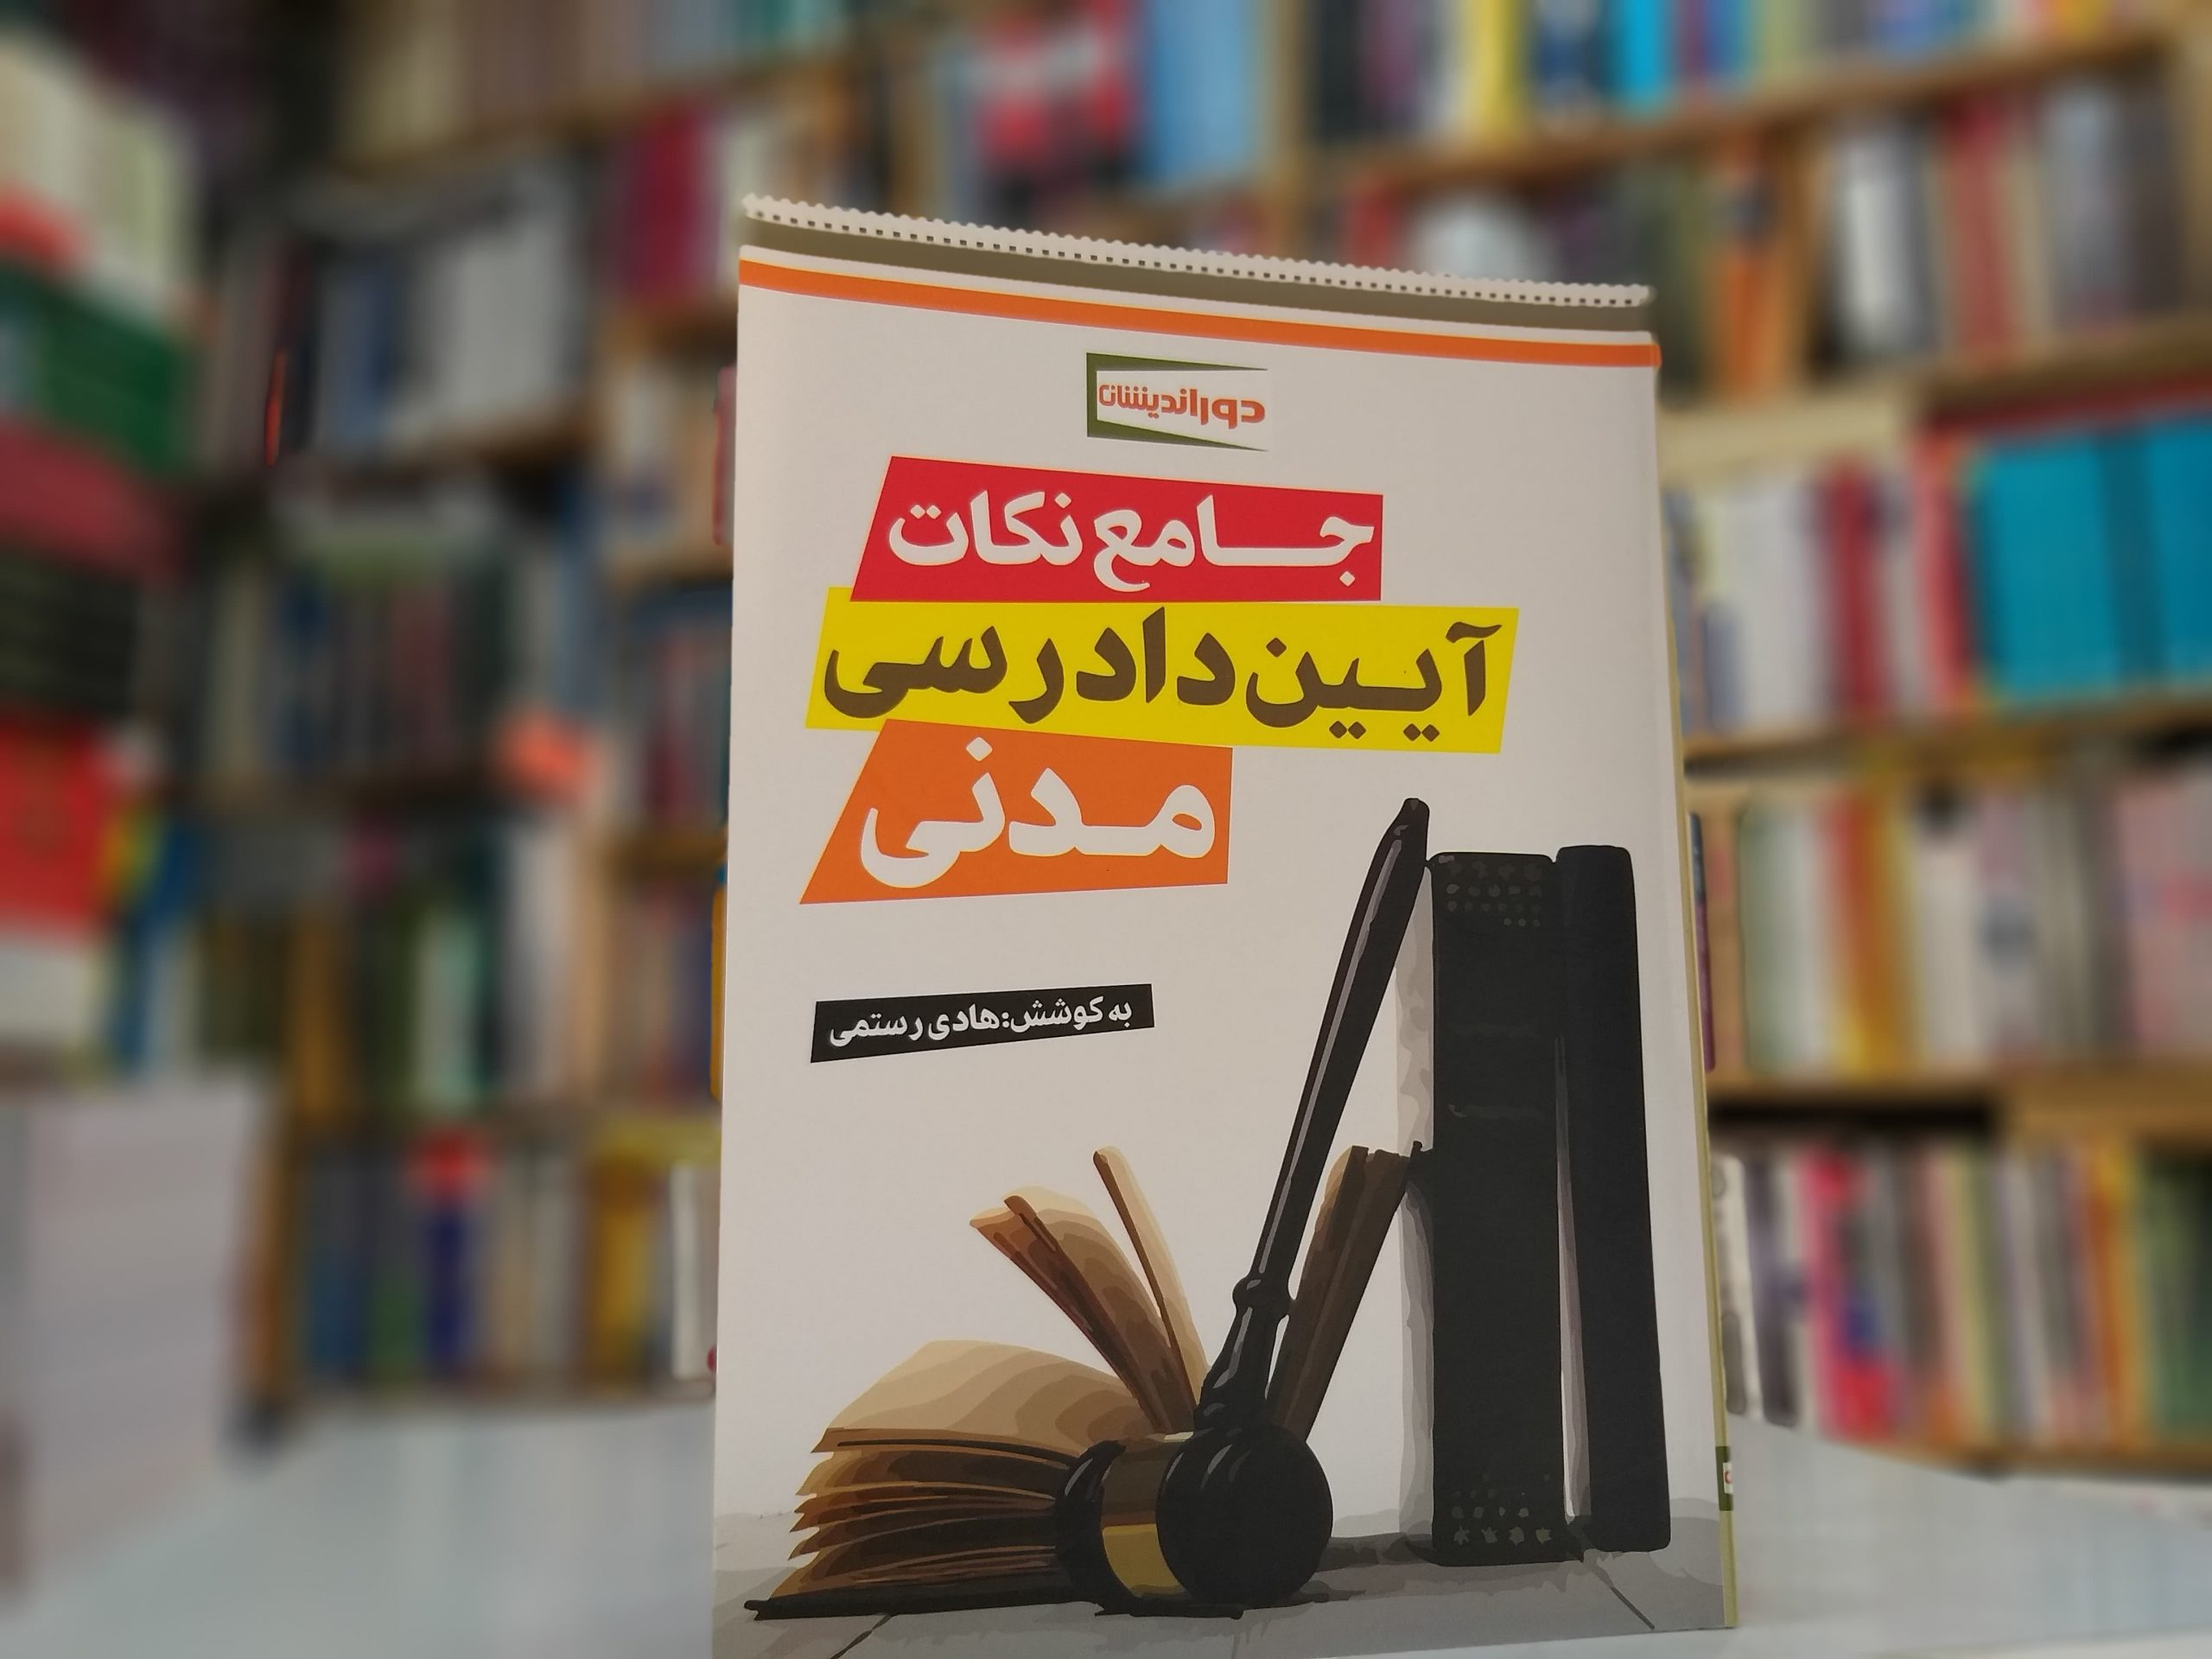 جامع نکات آیین دادرسی مدنی/ هادی رستمی